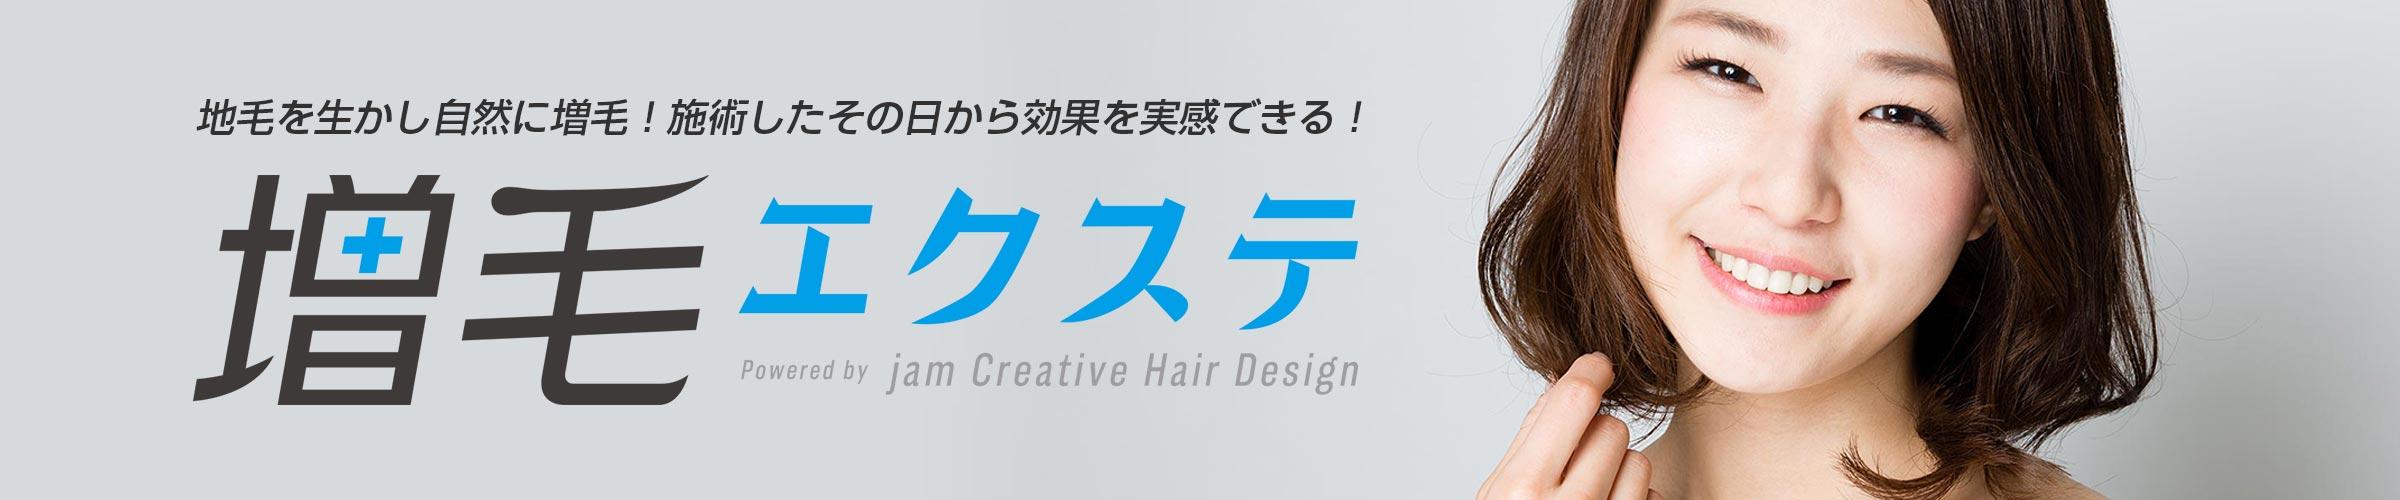 靜岡県・御殿場市の増毛エクステ・薄毛のお悩みならジャム・クリエイティブヘアーデザイン